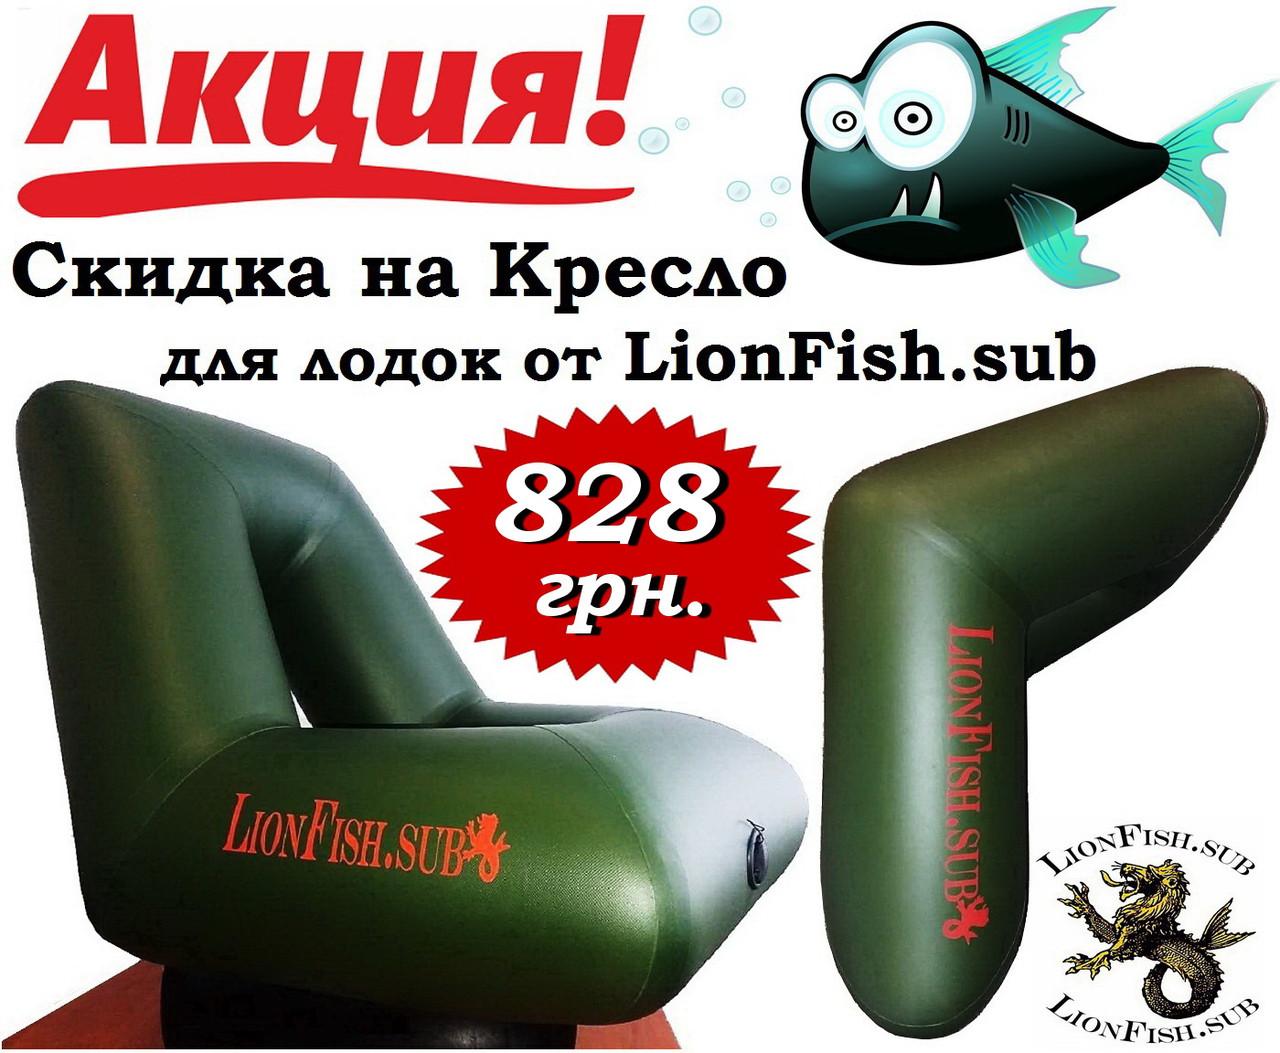 АКЦИЯ! Кресло в Лодку LionFish.sub из ПВХ